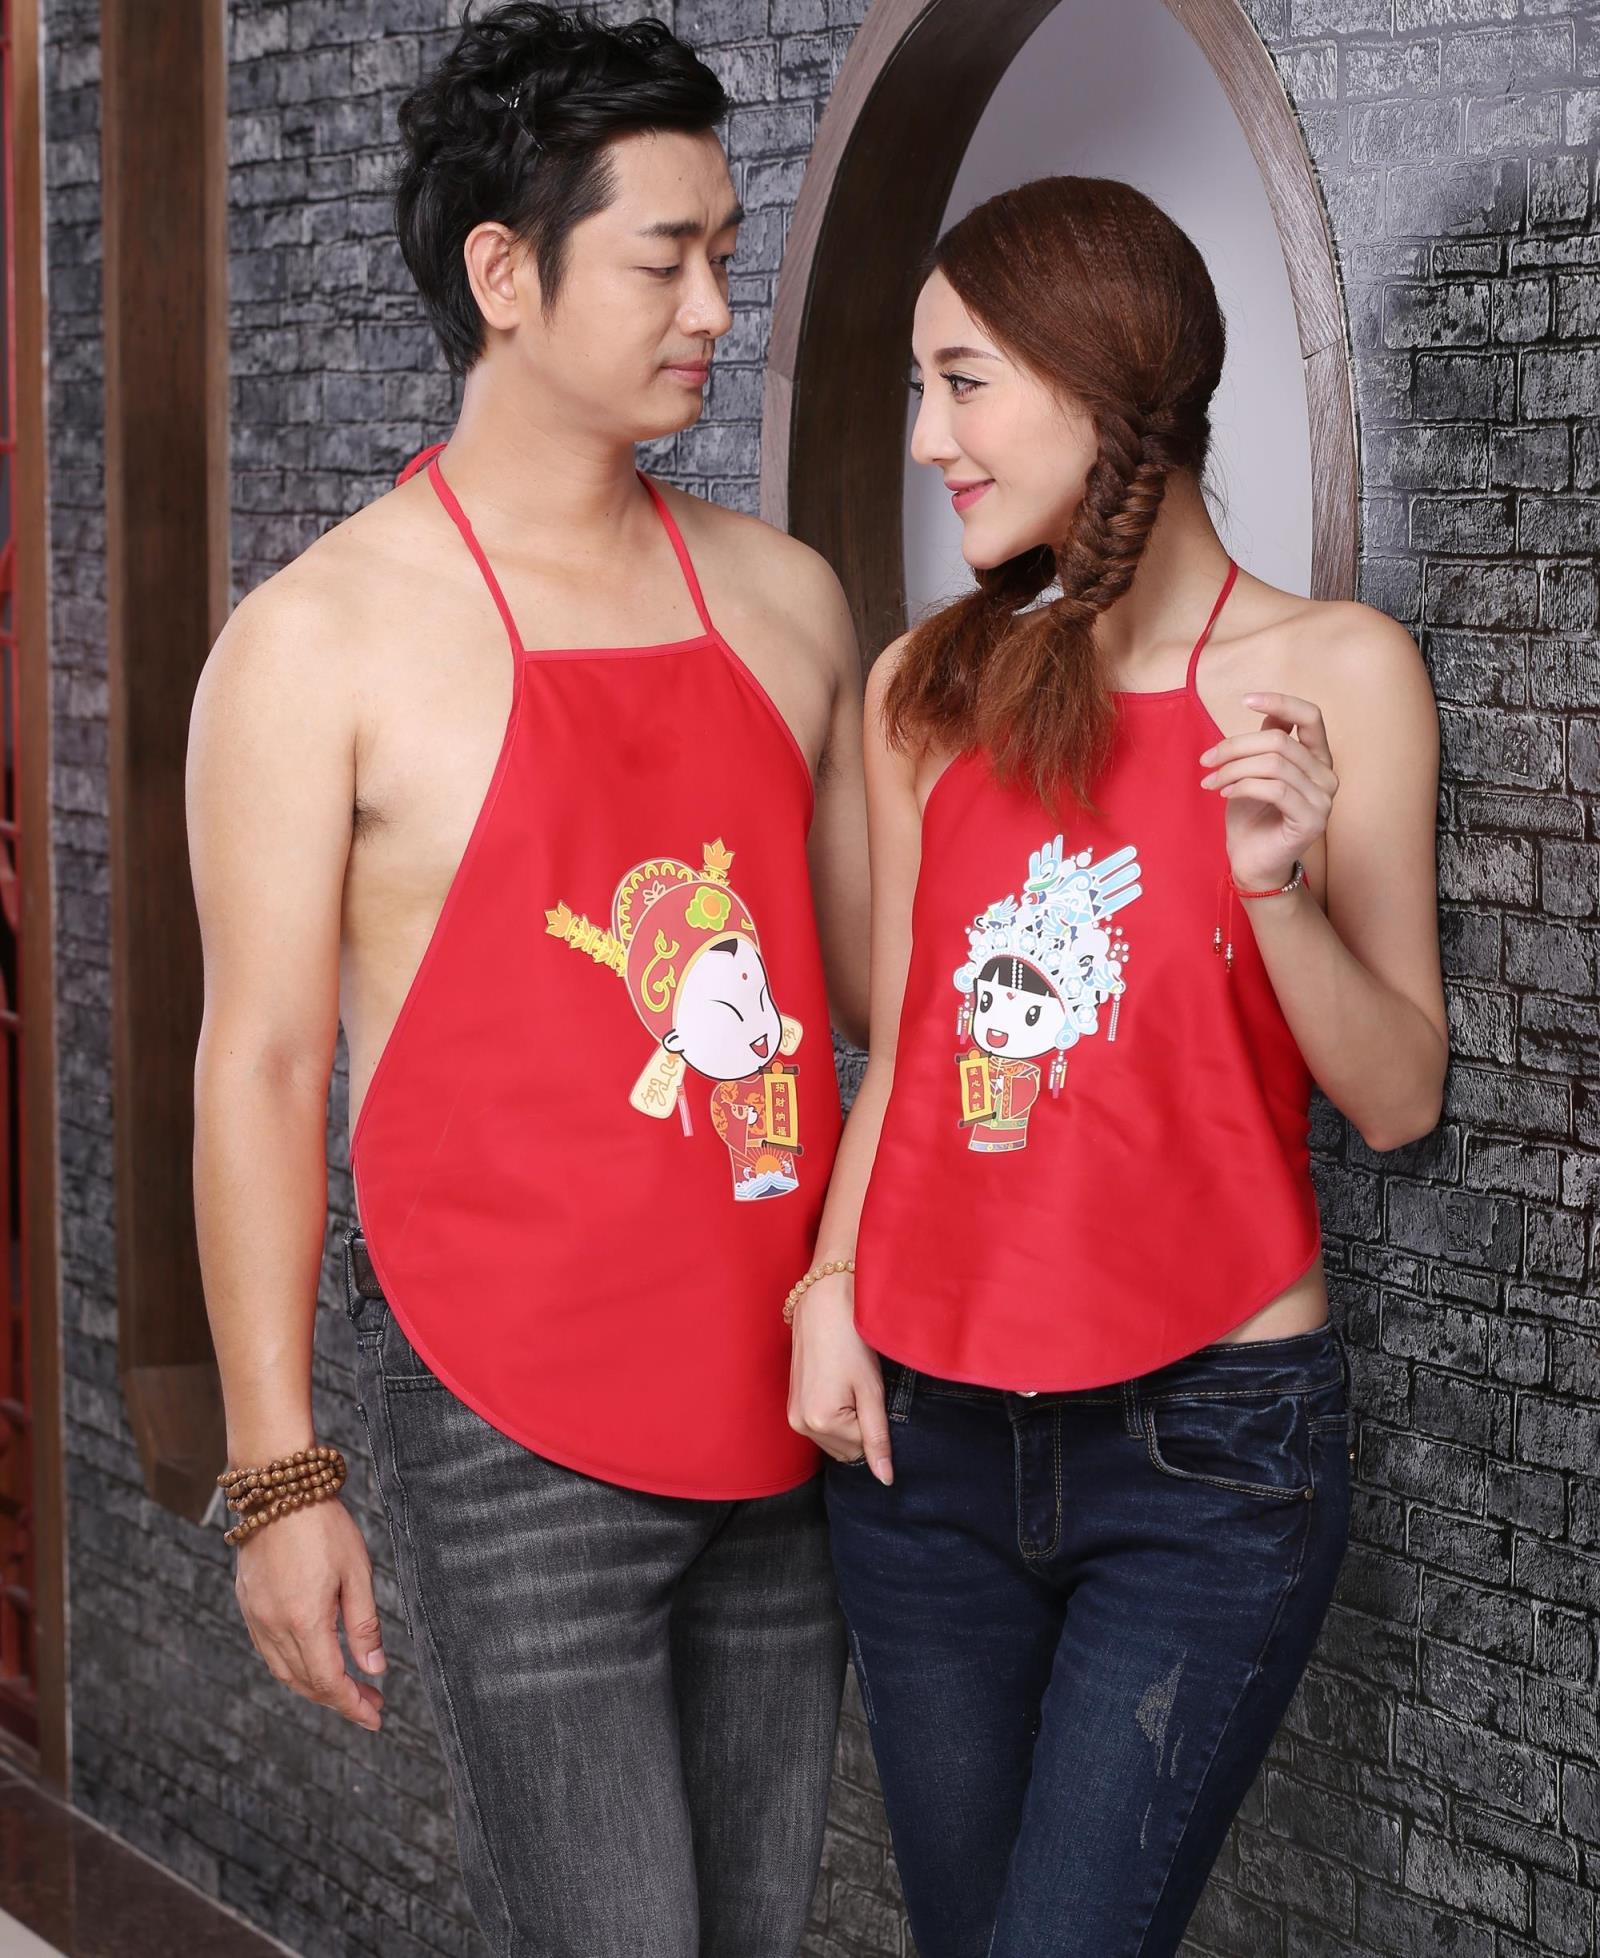 Vợ chồng in ấn Yijia thờ phụ nữ người lớn bông nam và nữ sinh viên gợi cảm dễ thương bụng * mô hình lễ hội - Bellyband